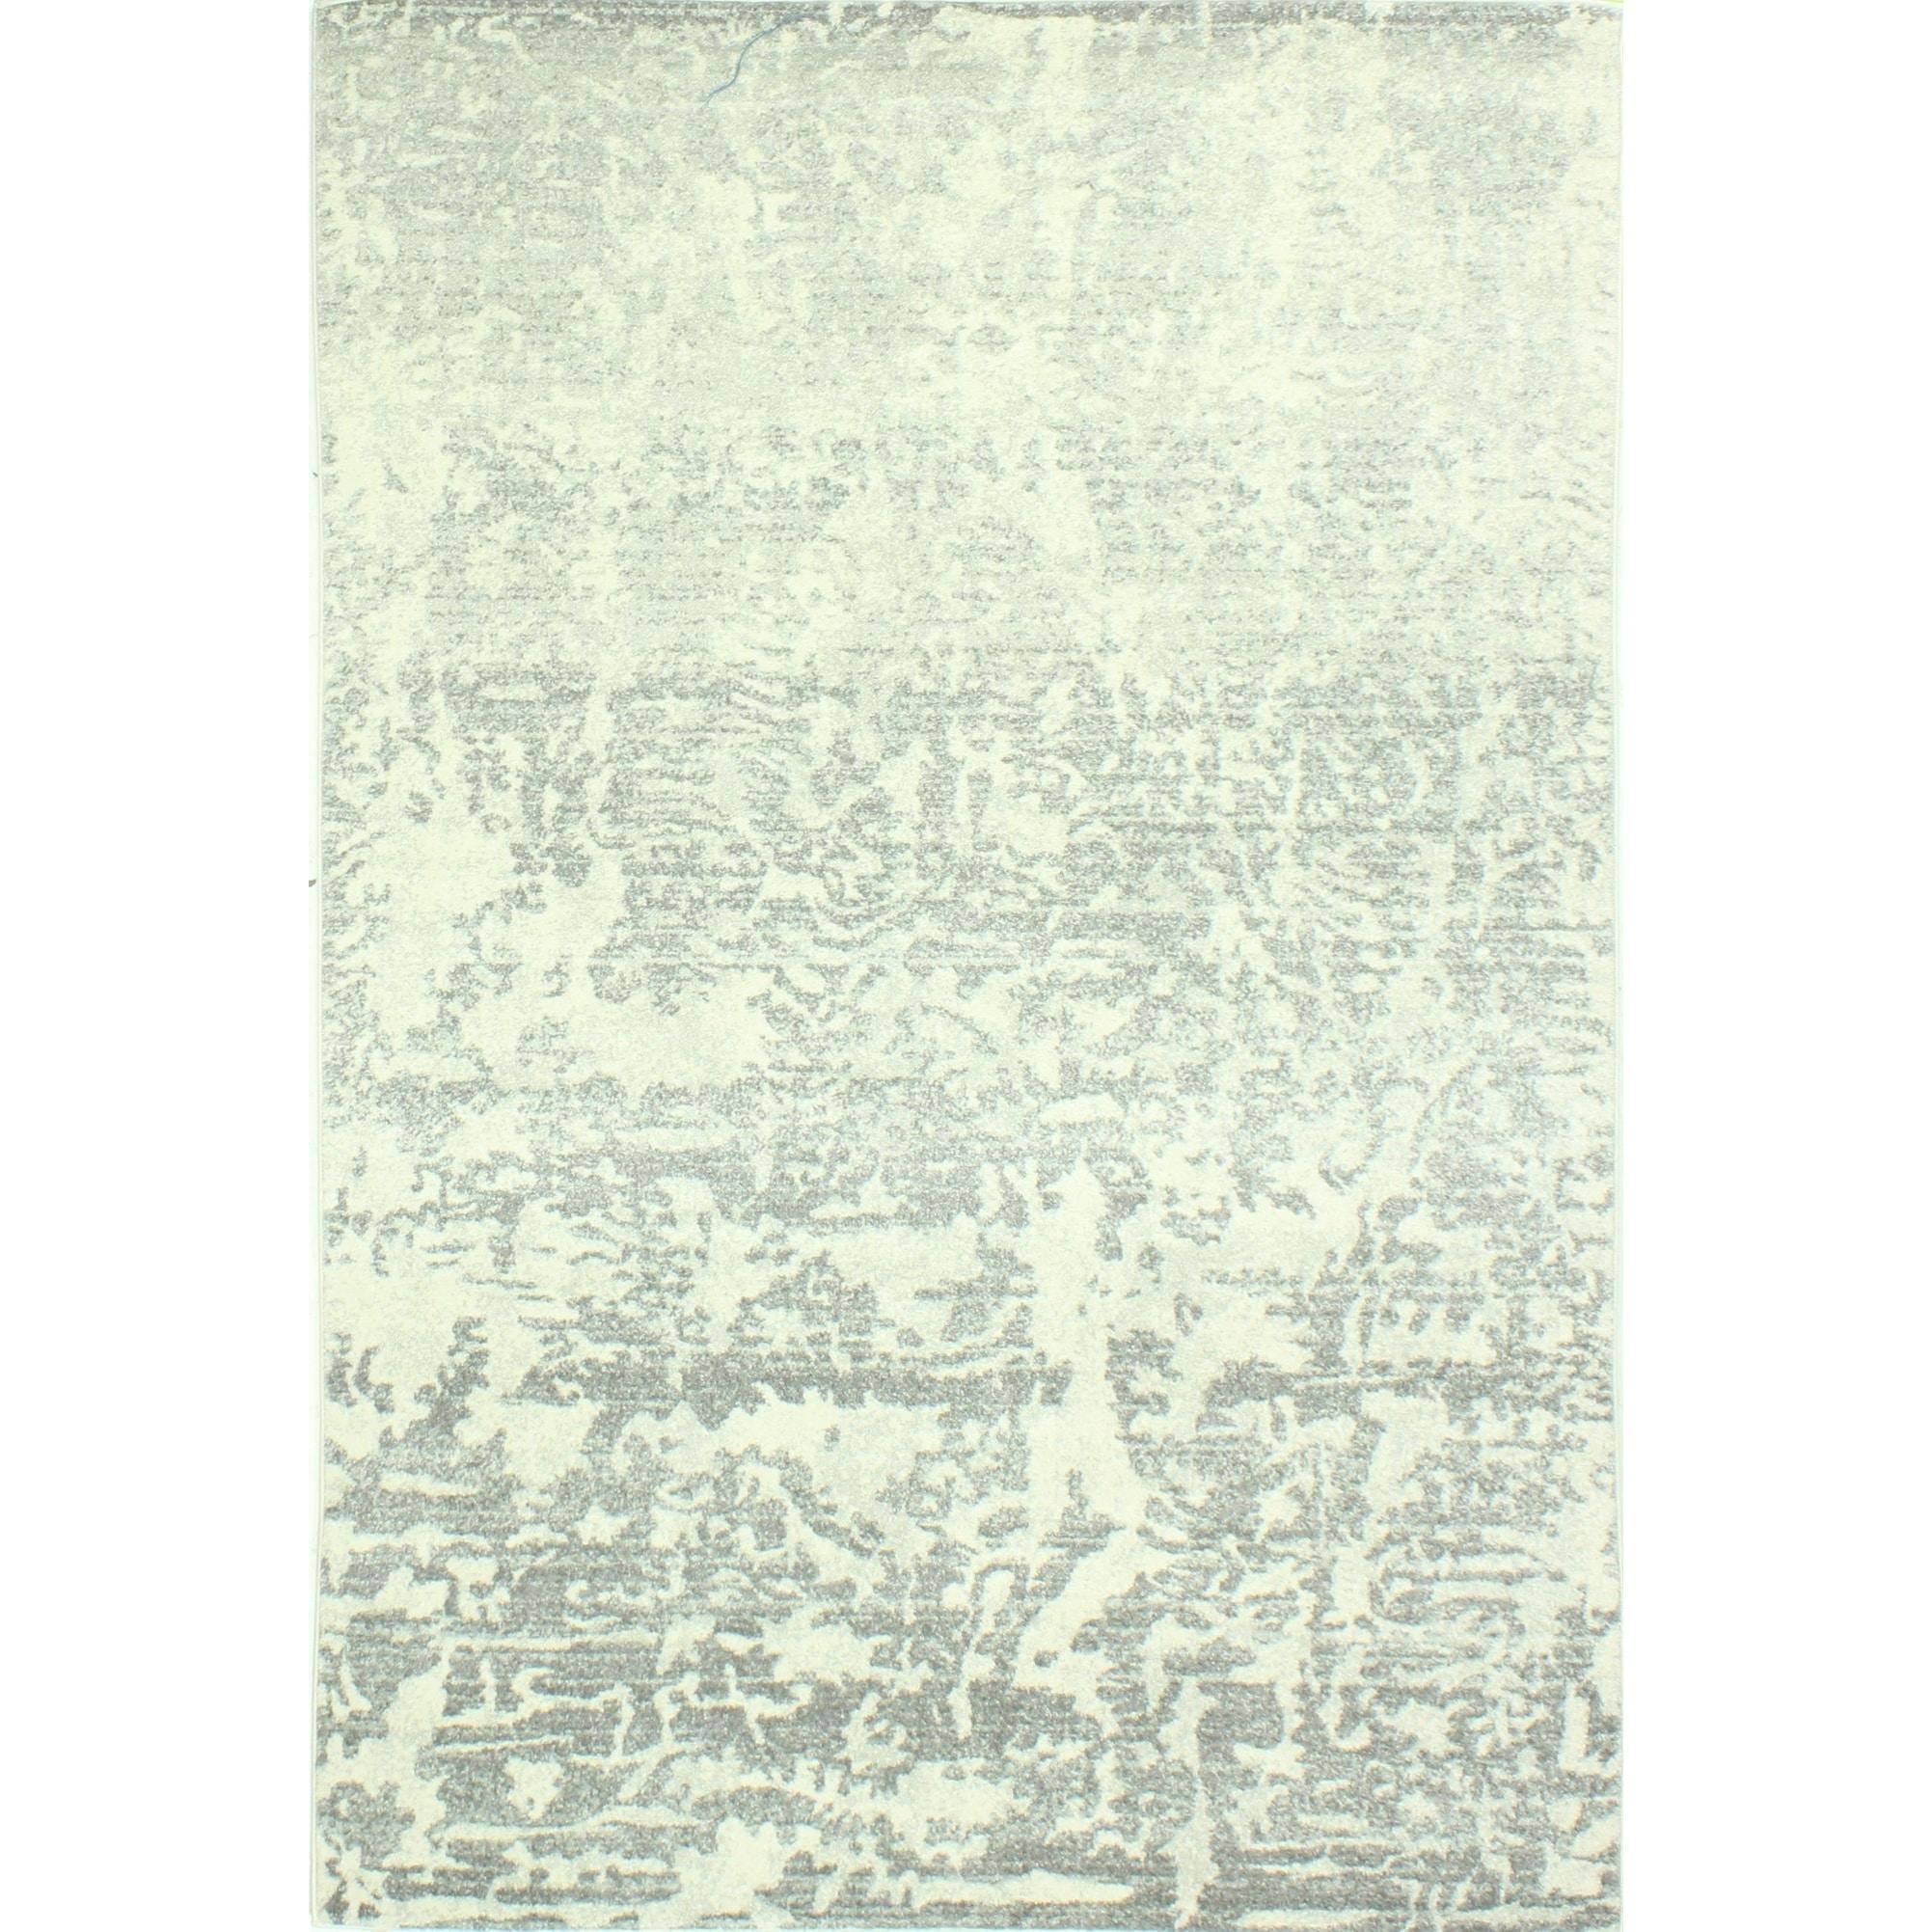 Aveline Ivory/Grey Transitional  Area Rug - 5 x 76 (5 x 76 - Ivory/Grey)